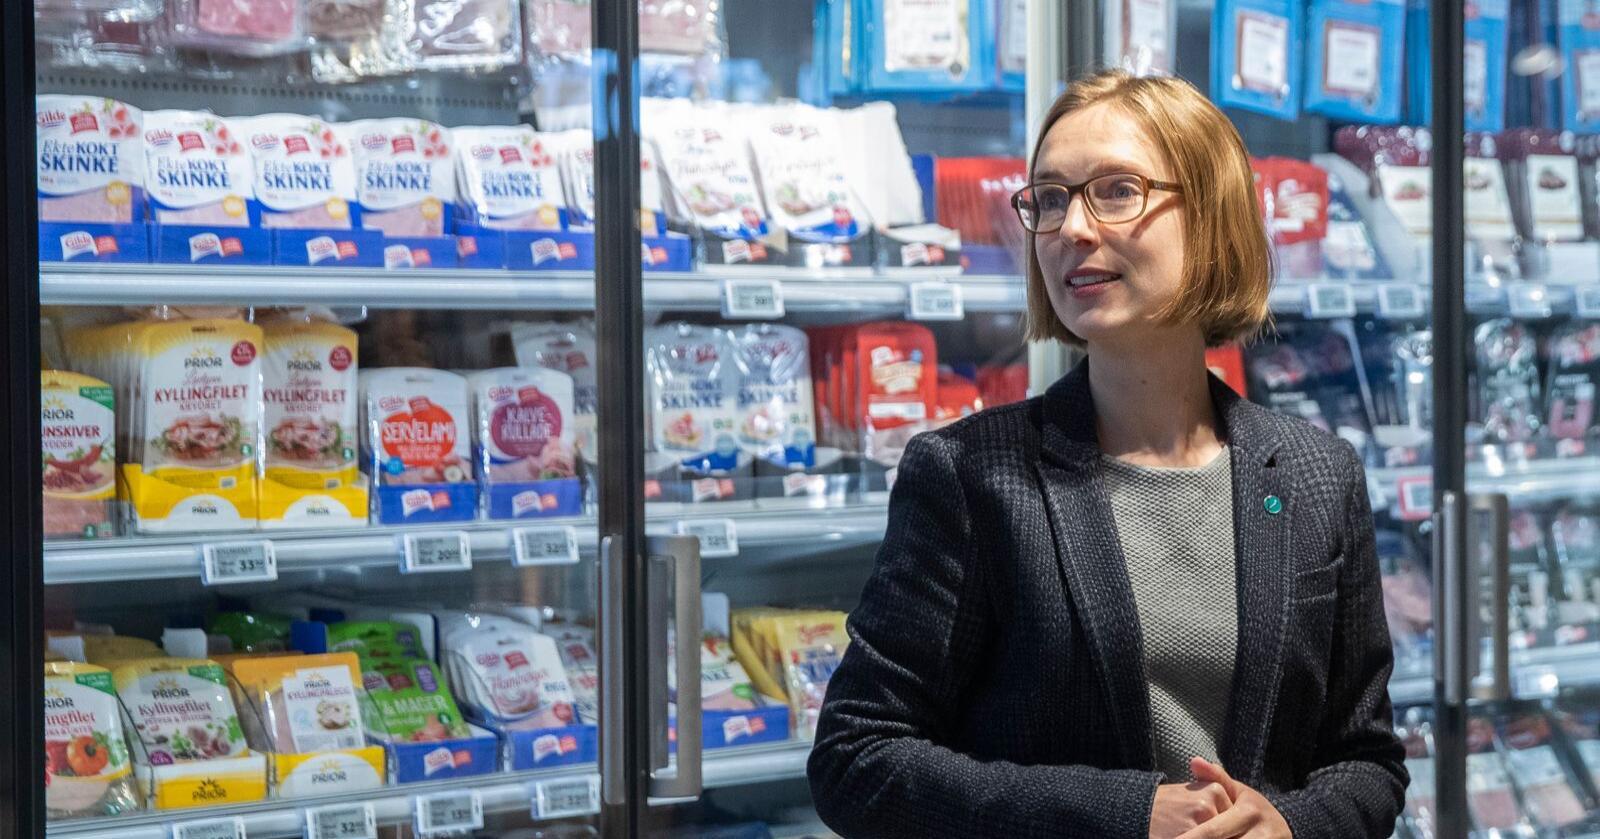 Næringsminister Iselin Nybø (V) sier forhandlingene om en ny frihandelsavtale med Storbritannia er helt i sluttfasen. Her er hun på en Meny-butikk på Røa. Foto: Berit Roald / NTB